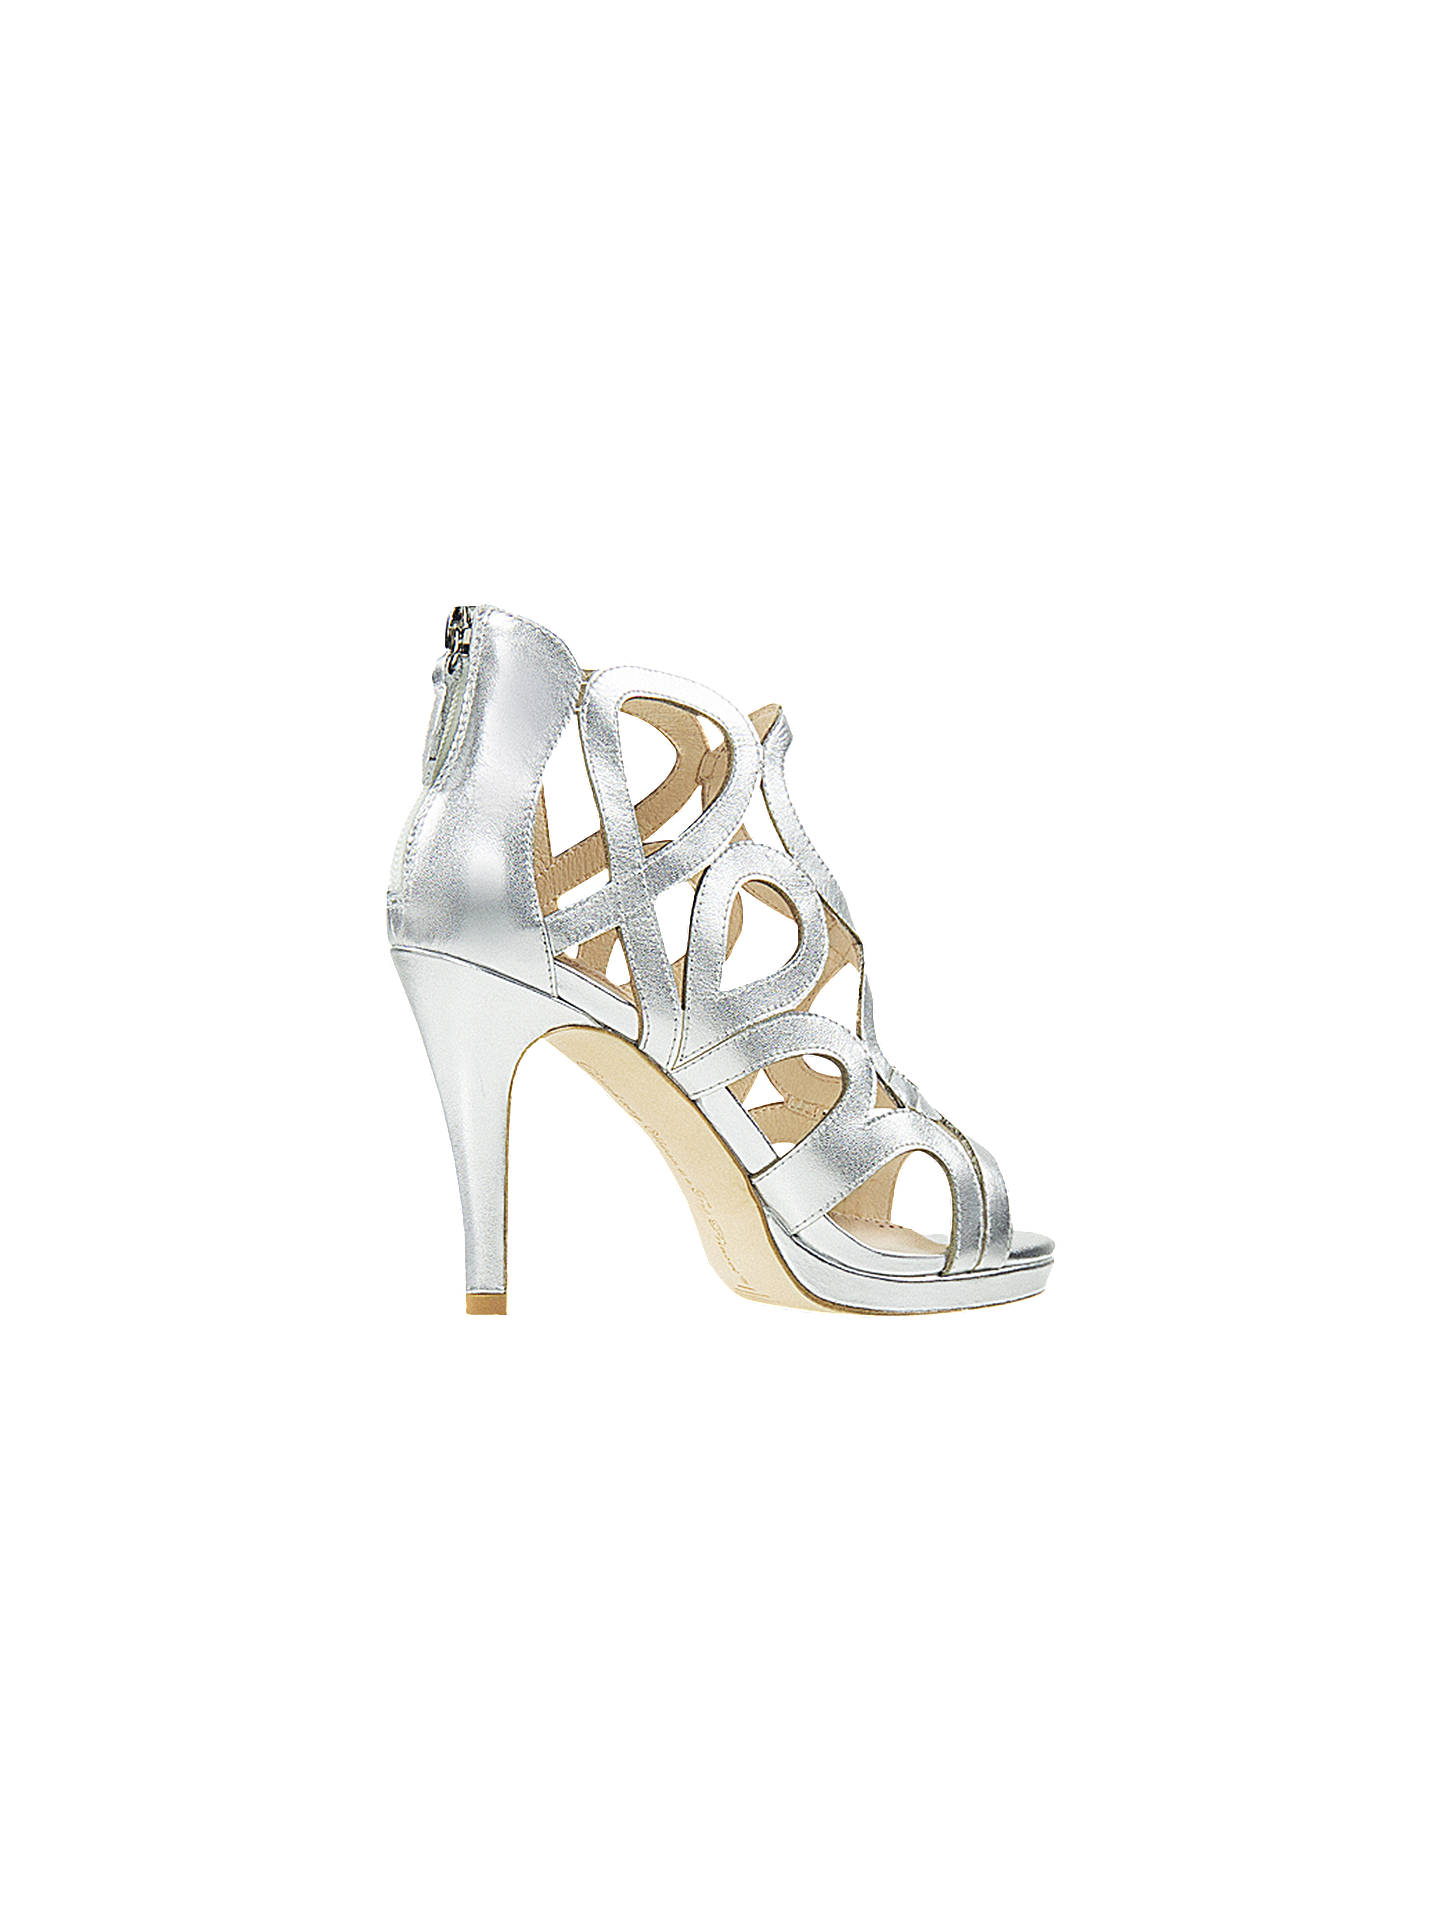 79bf81772363 ... Buy Sargossa Redefined Stiletto Heel Sandals, Silver Leather, 8 Online  at johnlewis.com ...